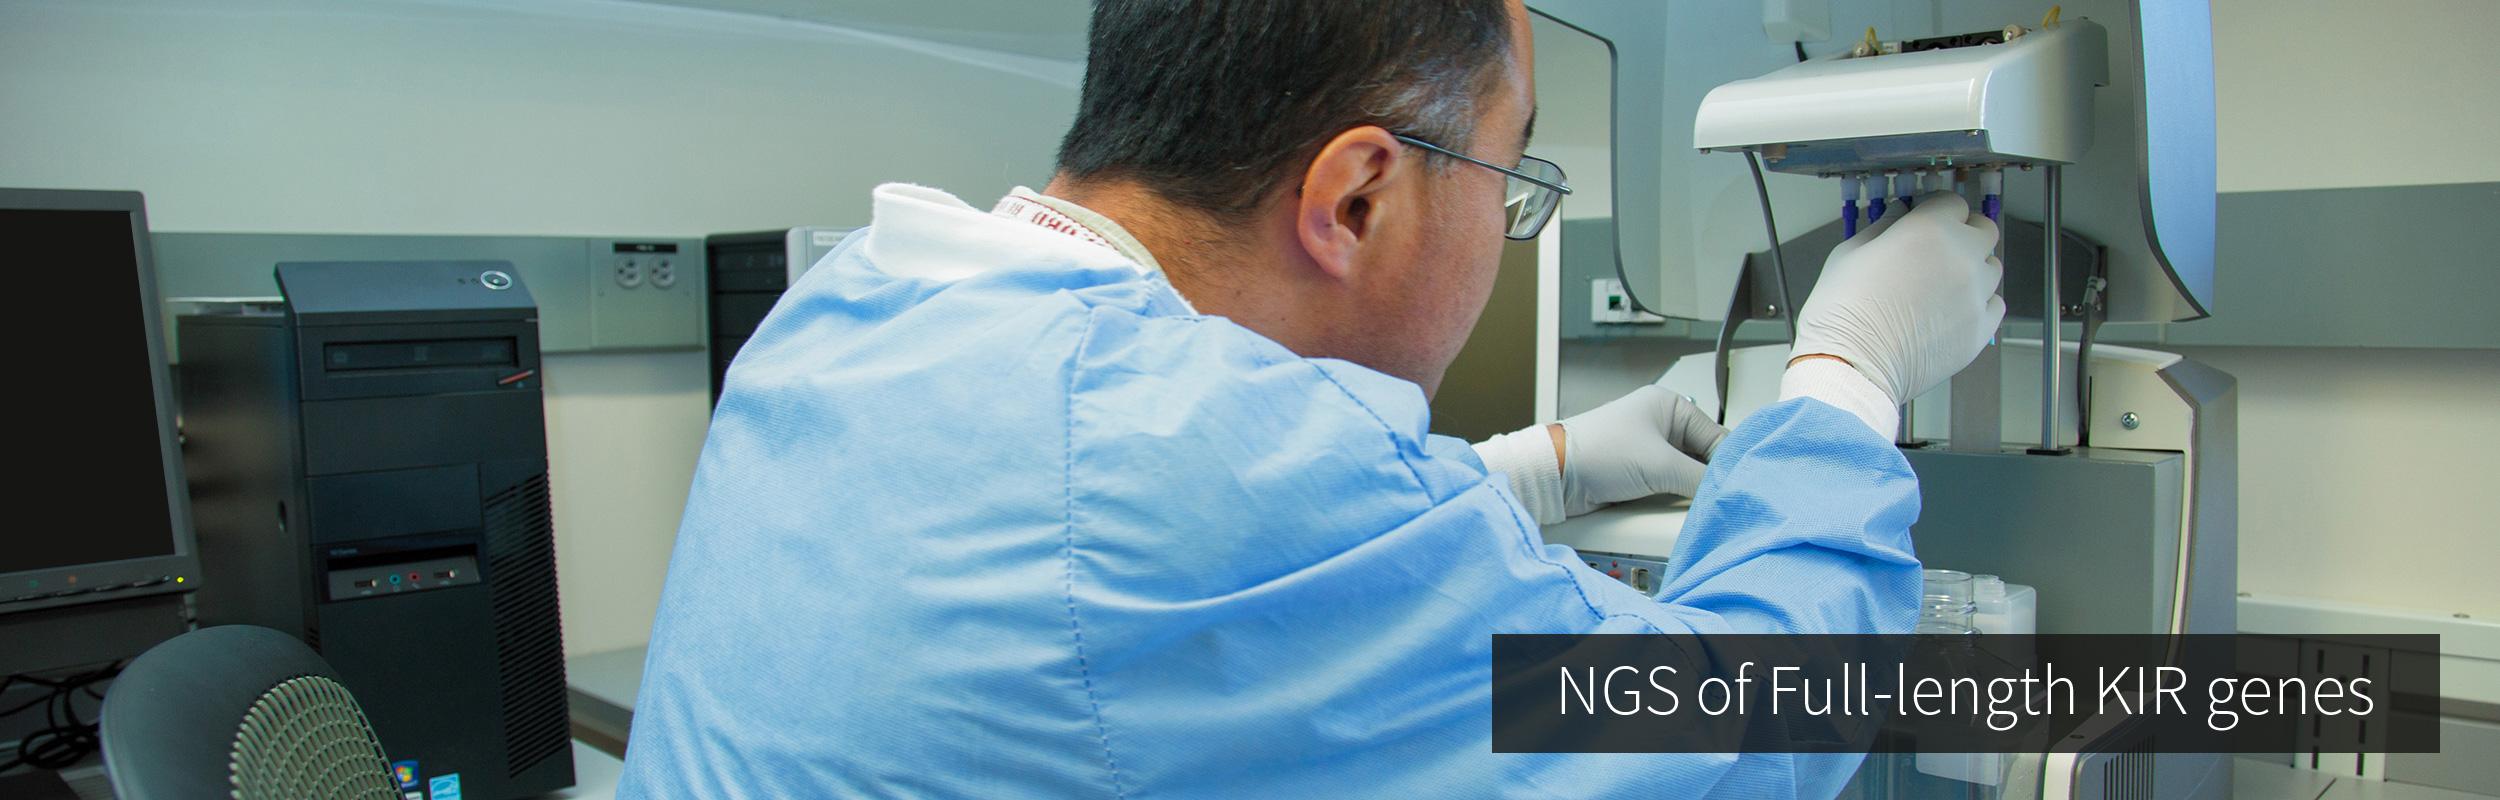 NGS of Full-length KIR Genes